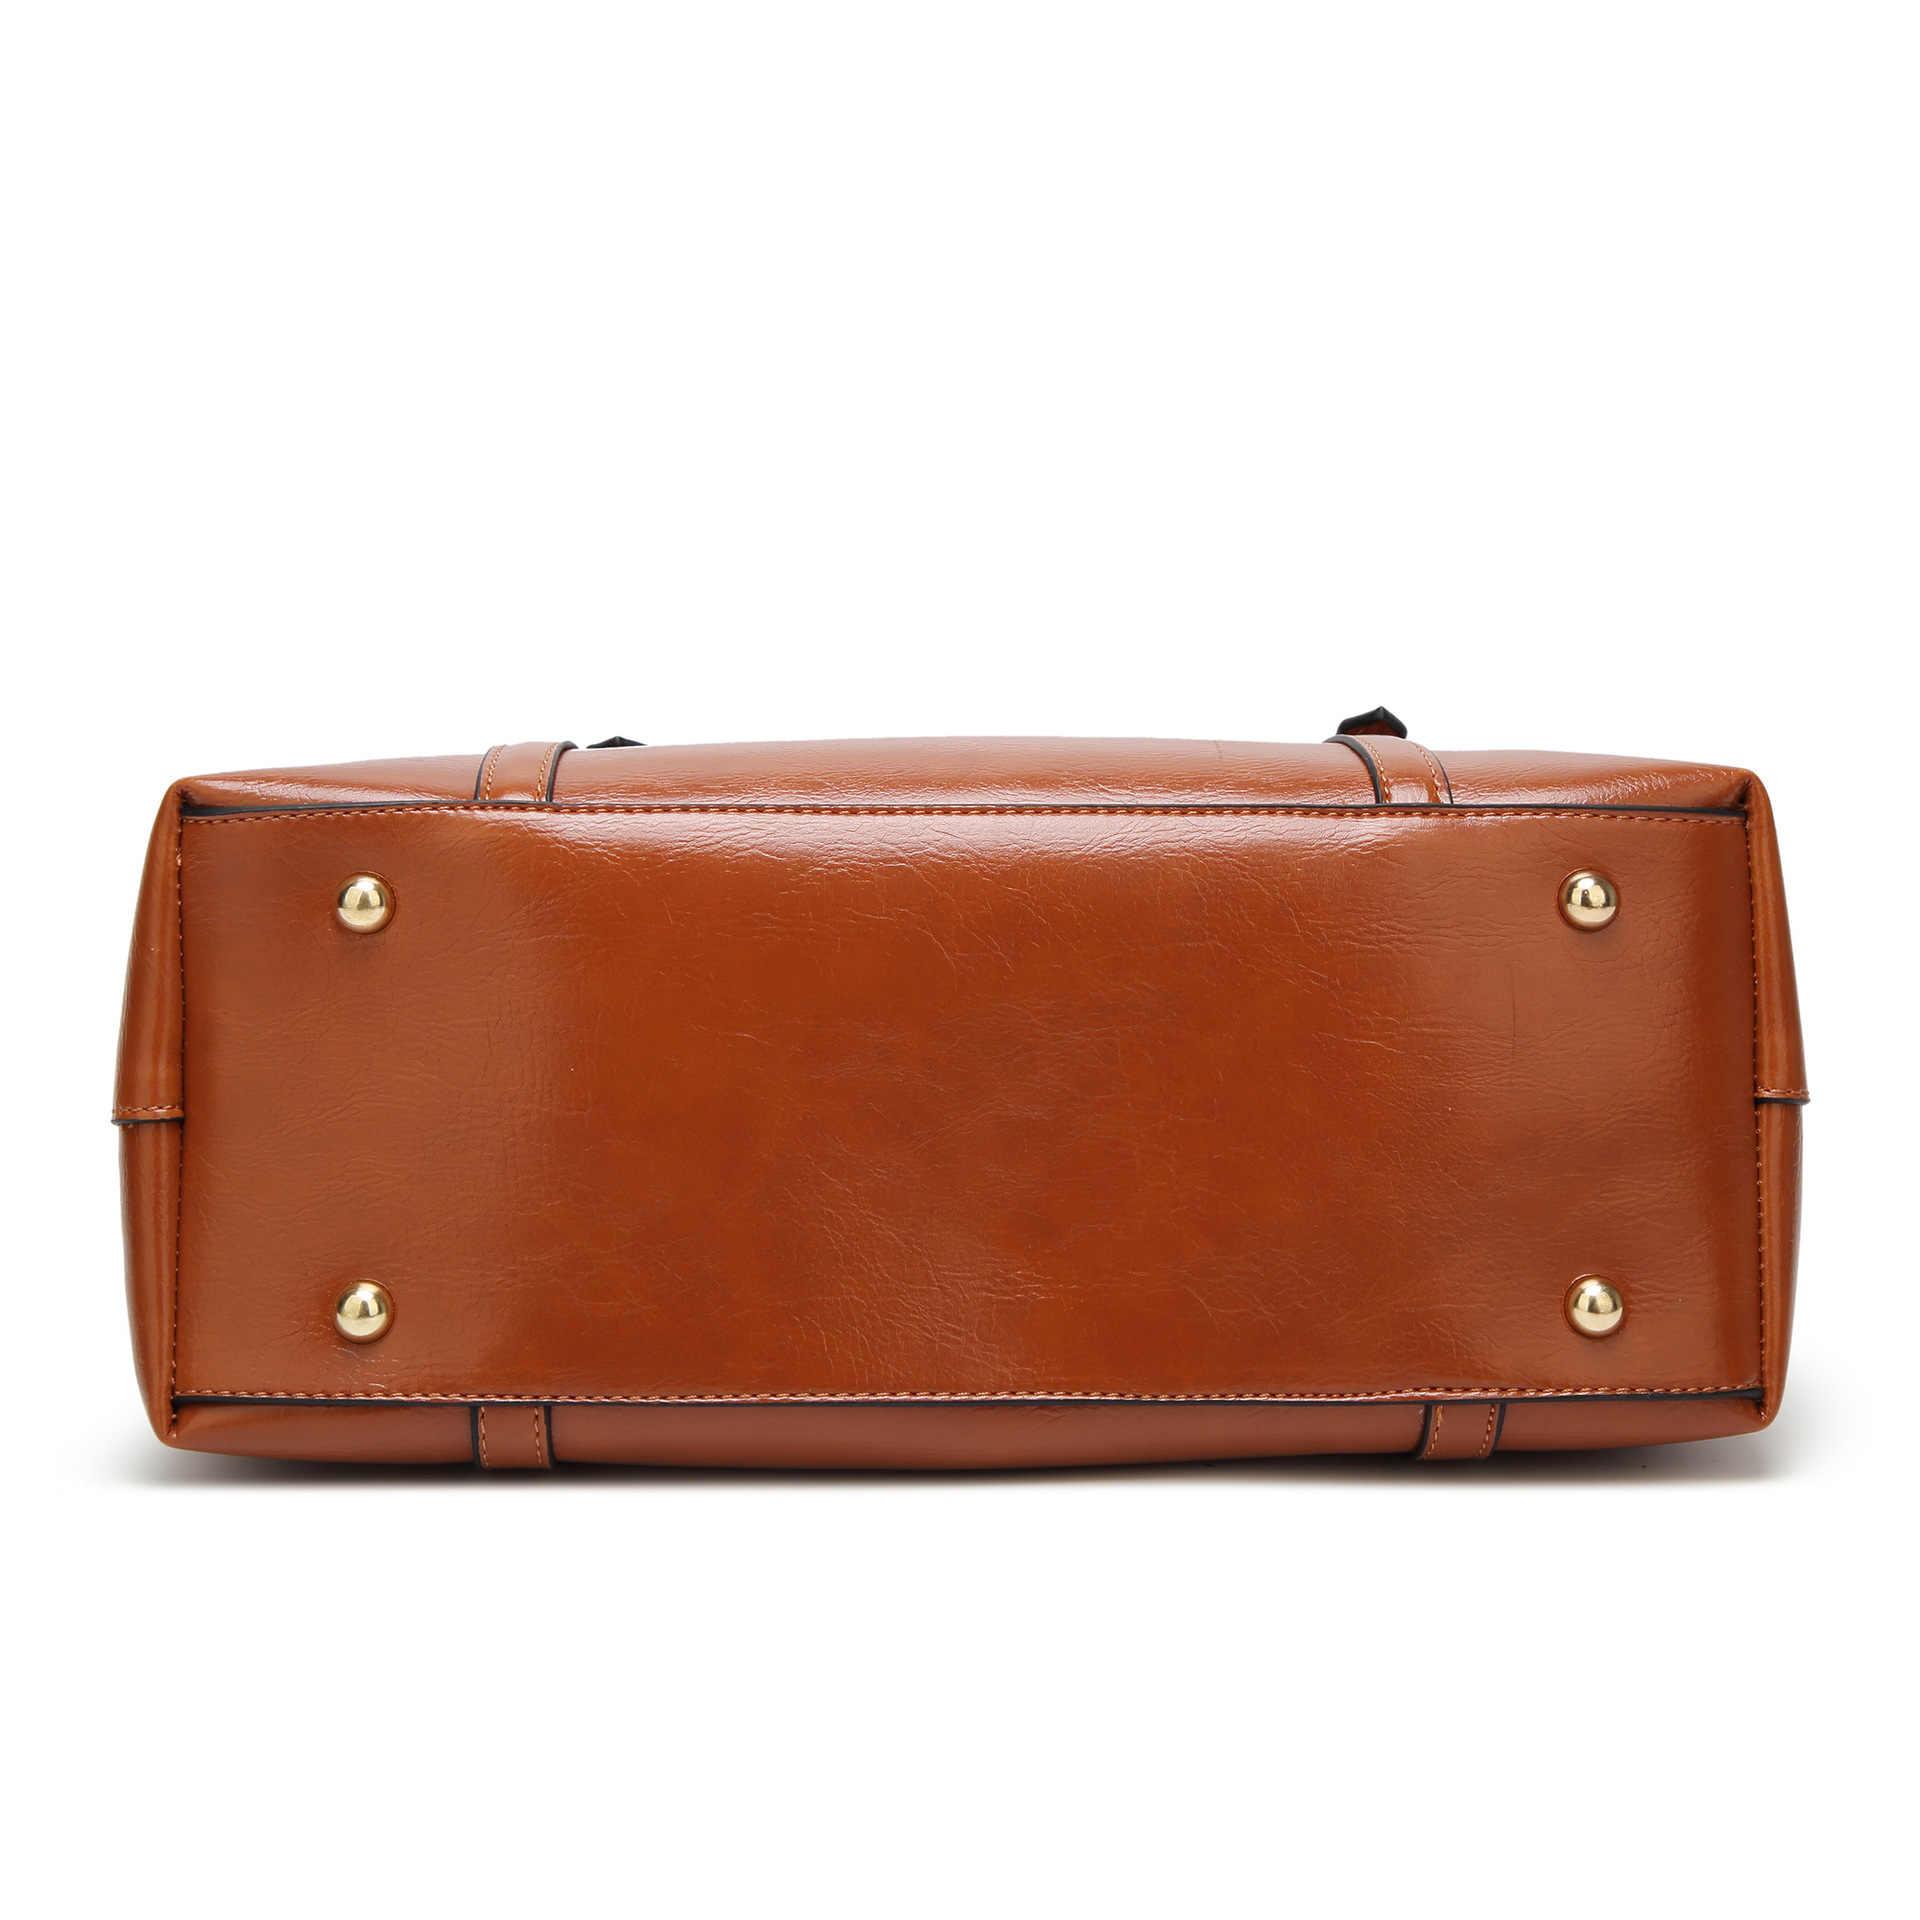 ブランドデザイン女性のソフト本革ハンドバッグ高品質女性牛革ビッグサイズのショルダーバッグファッショントート新 C1368